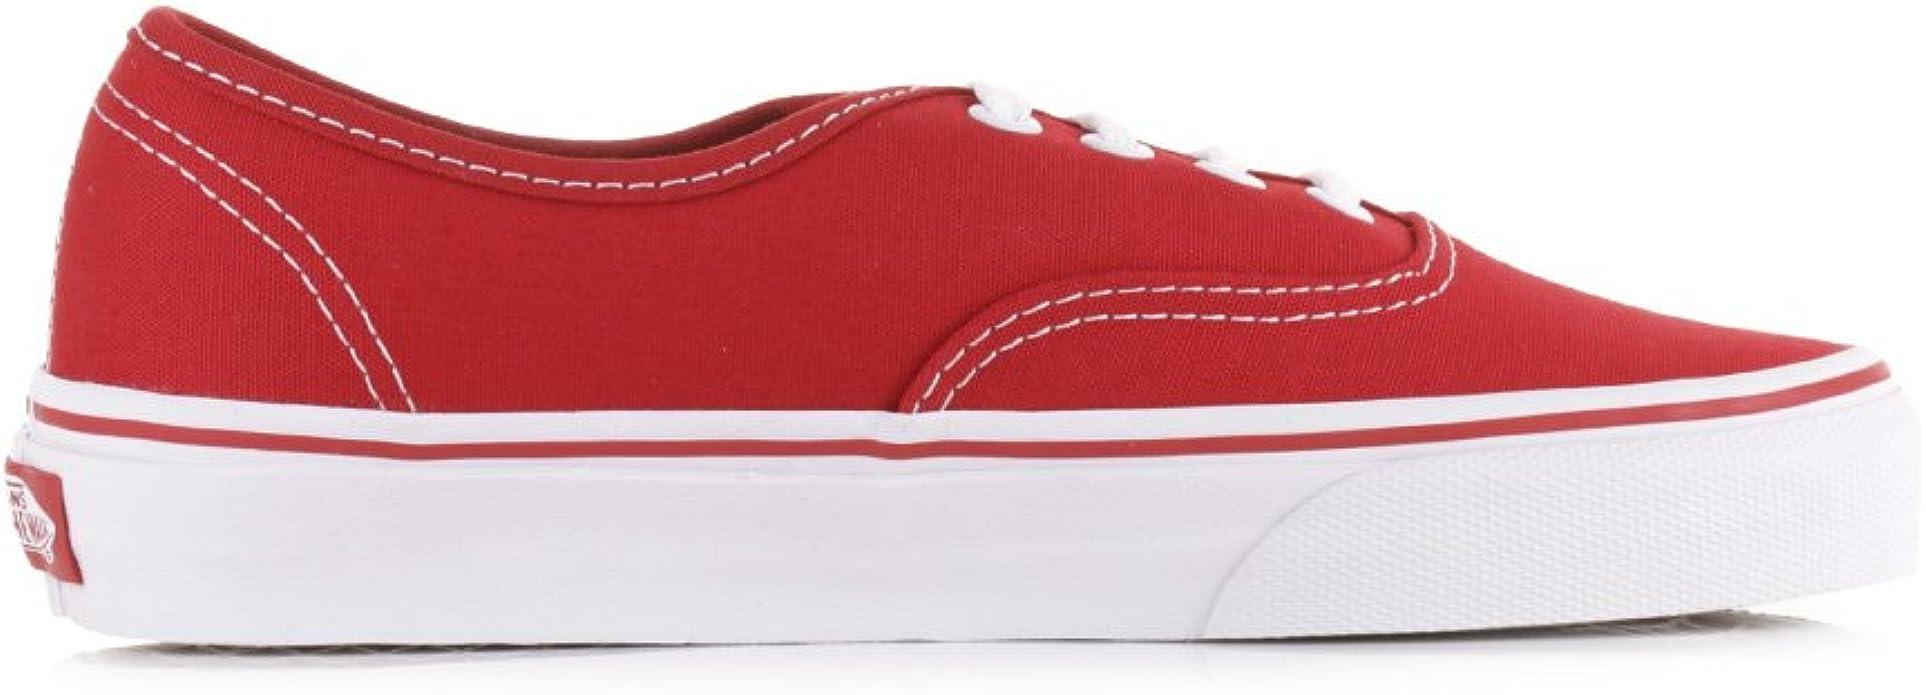 vans authentic rouge 39